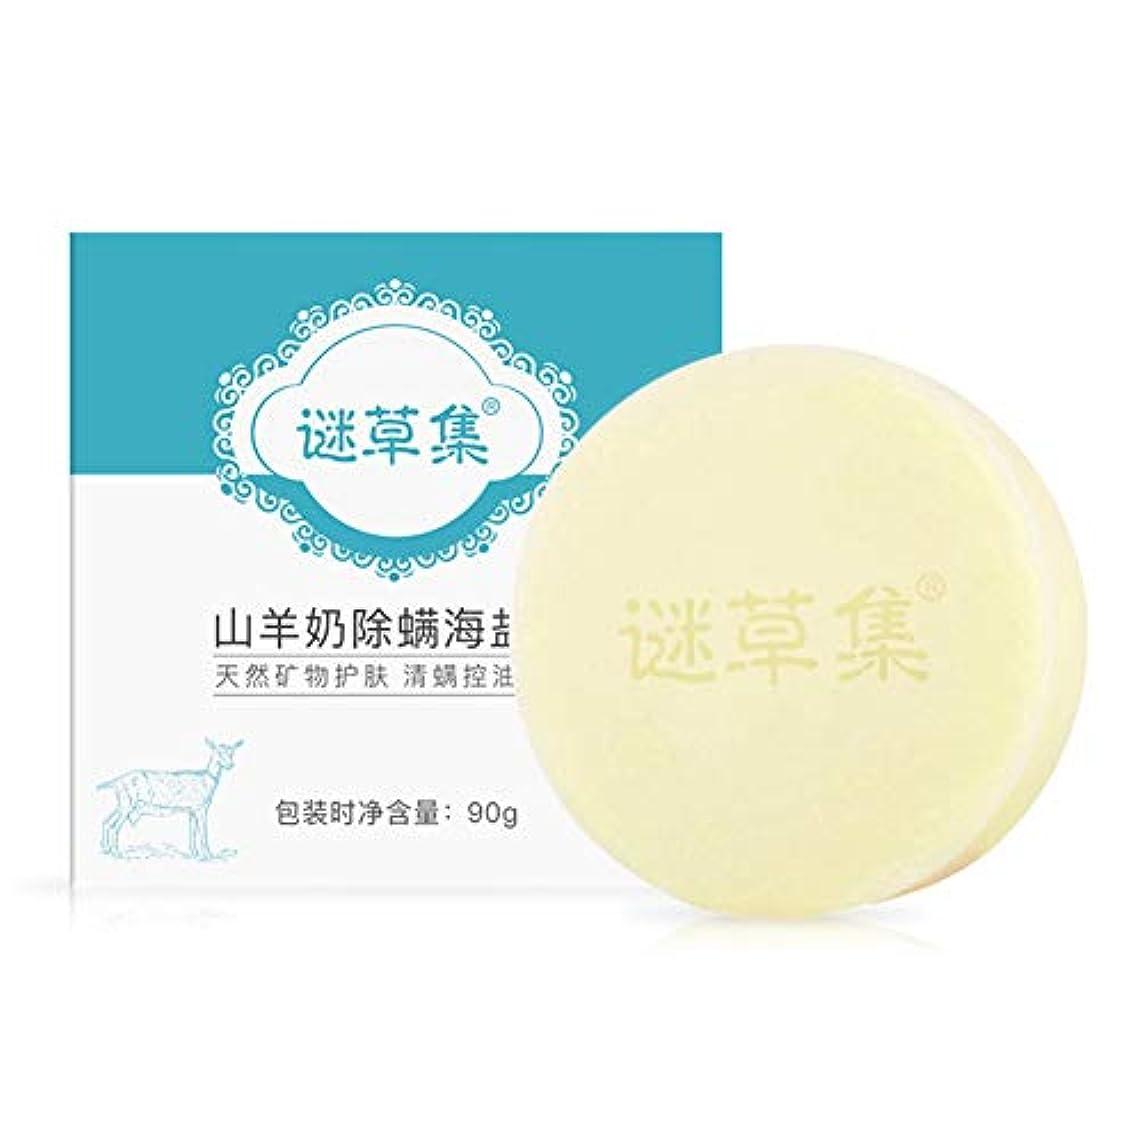 バブルボイラー山羊乳の海塩石鹸-にきび用のプレミアム10%アドバンストトウォッシュ。ナチュラルフレッシュの香り。無香料。にきび、体臭、皮膚炎